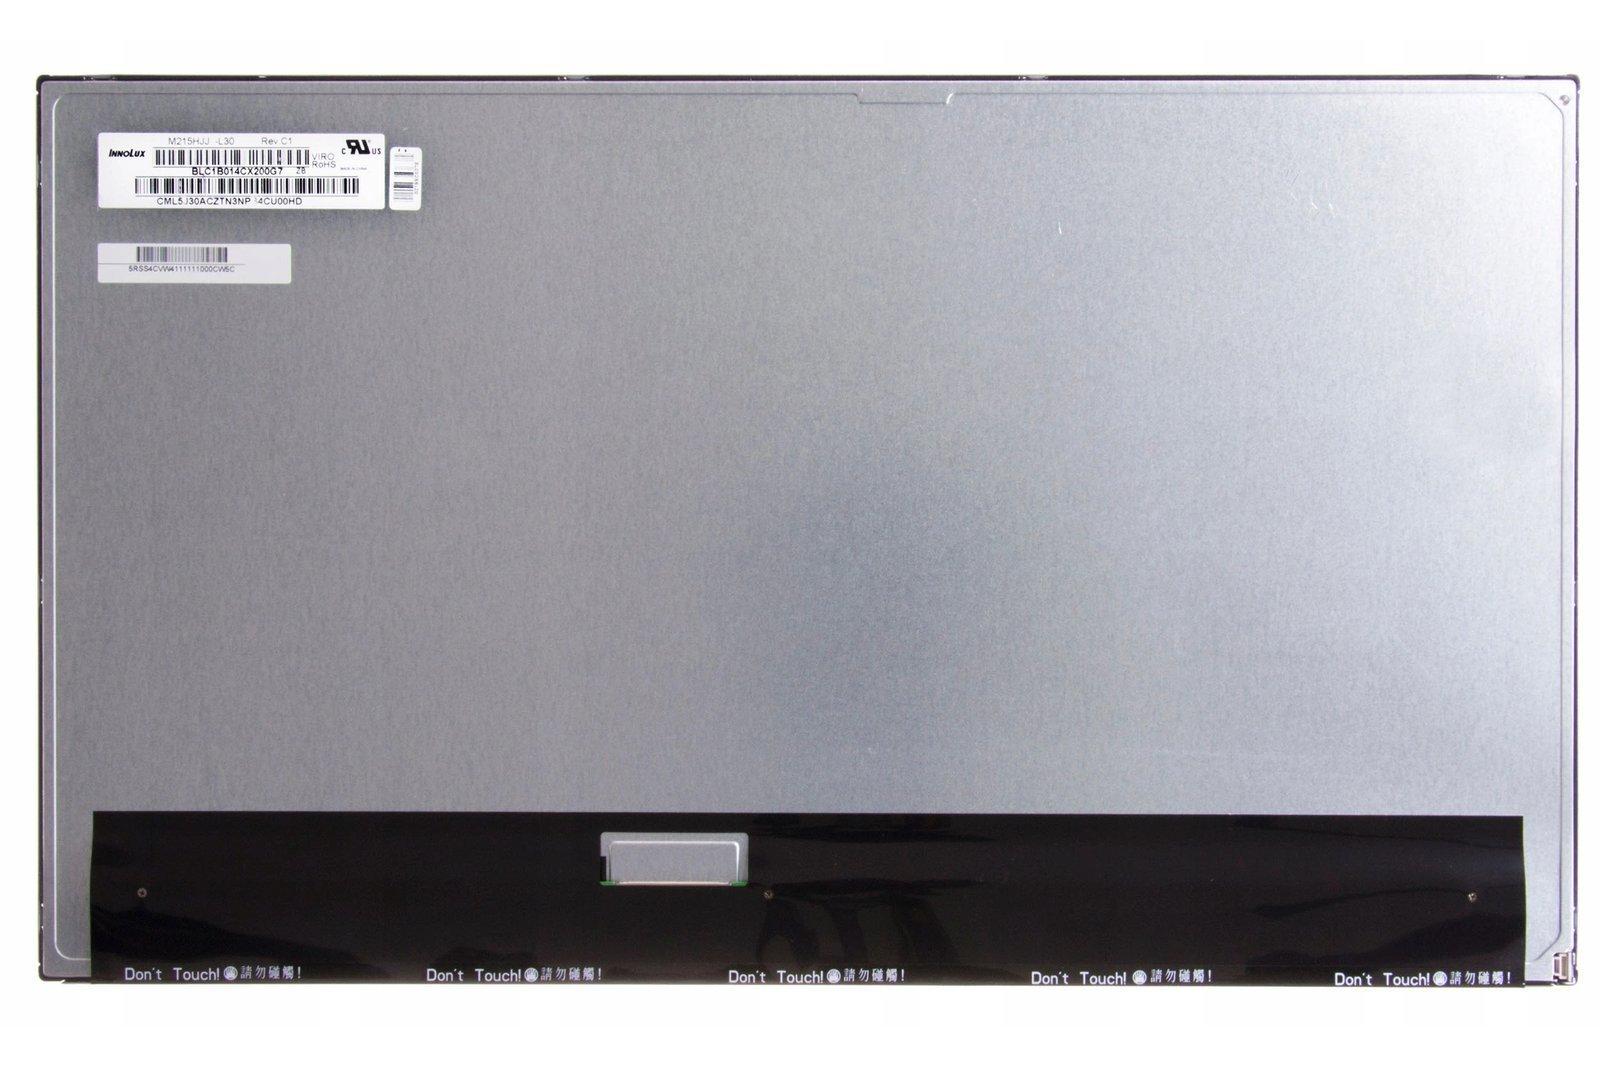 Display Panel Screen Innolux 21.5' M215HJJ-L30 Rev. C1 FullHD